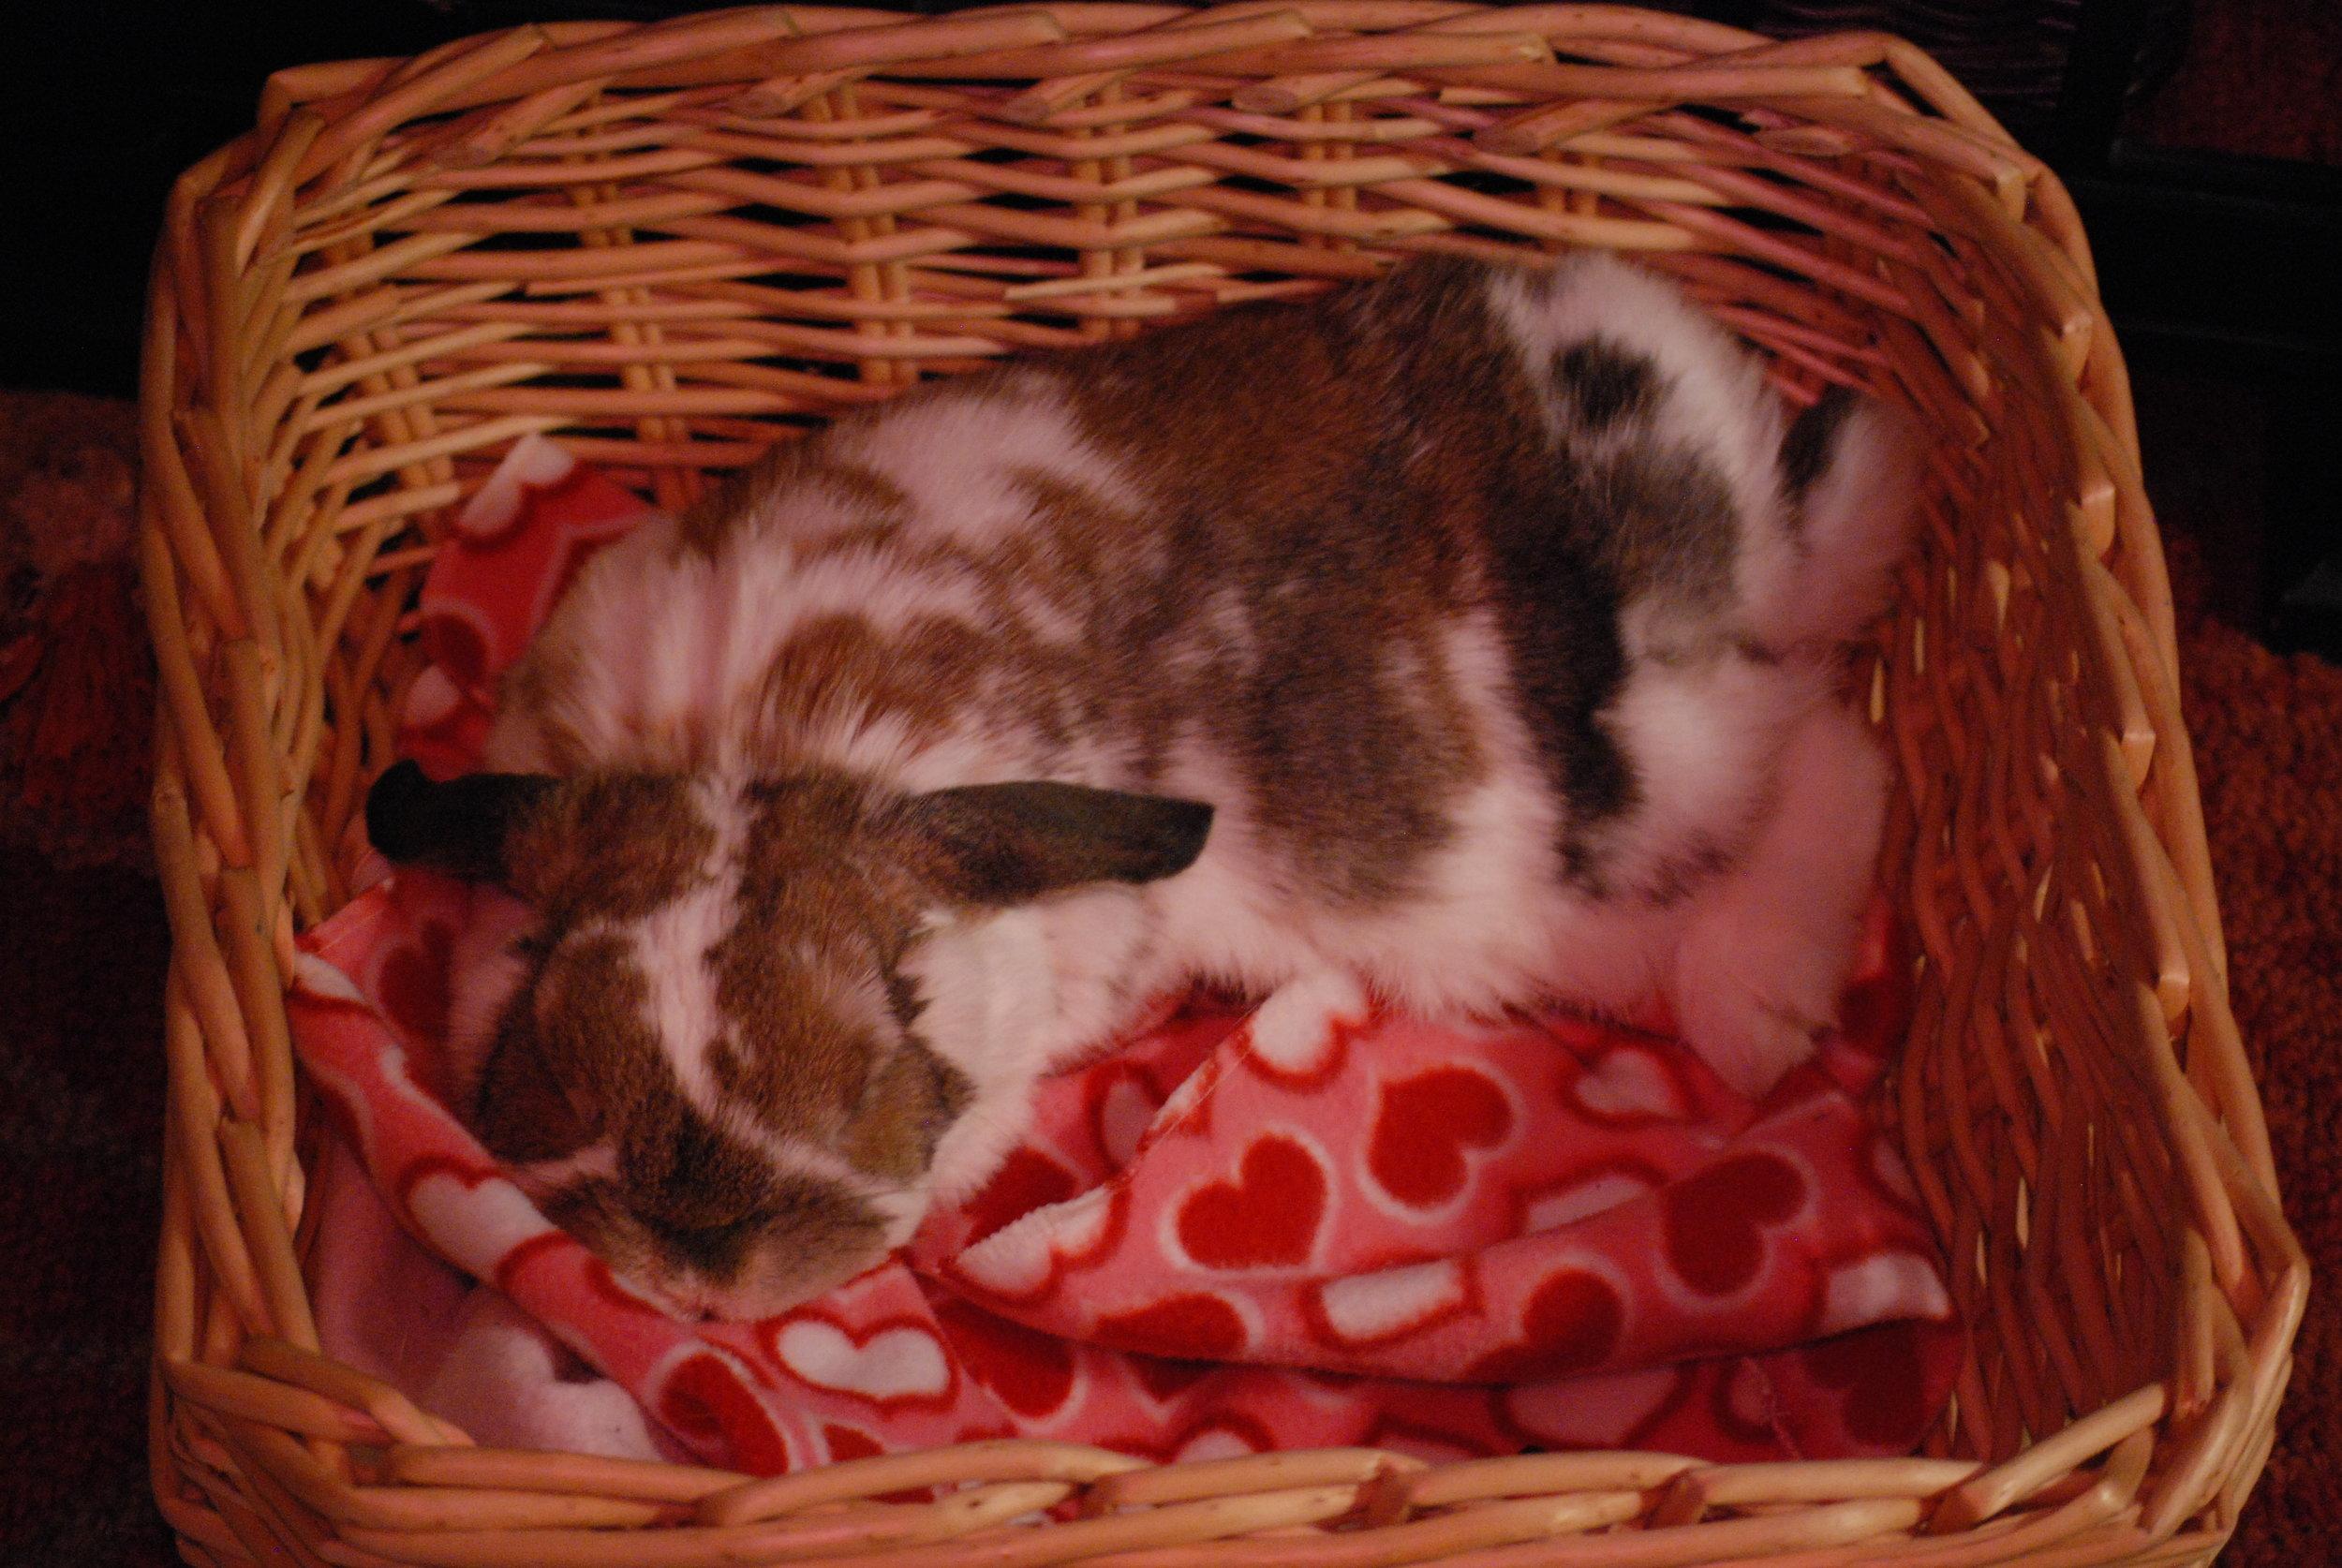 Bunny Sleeps in Her Cozy Basket